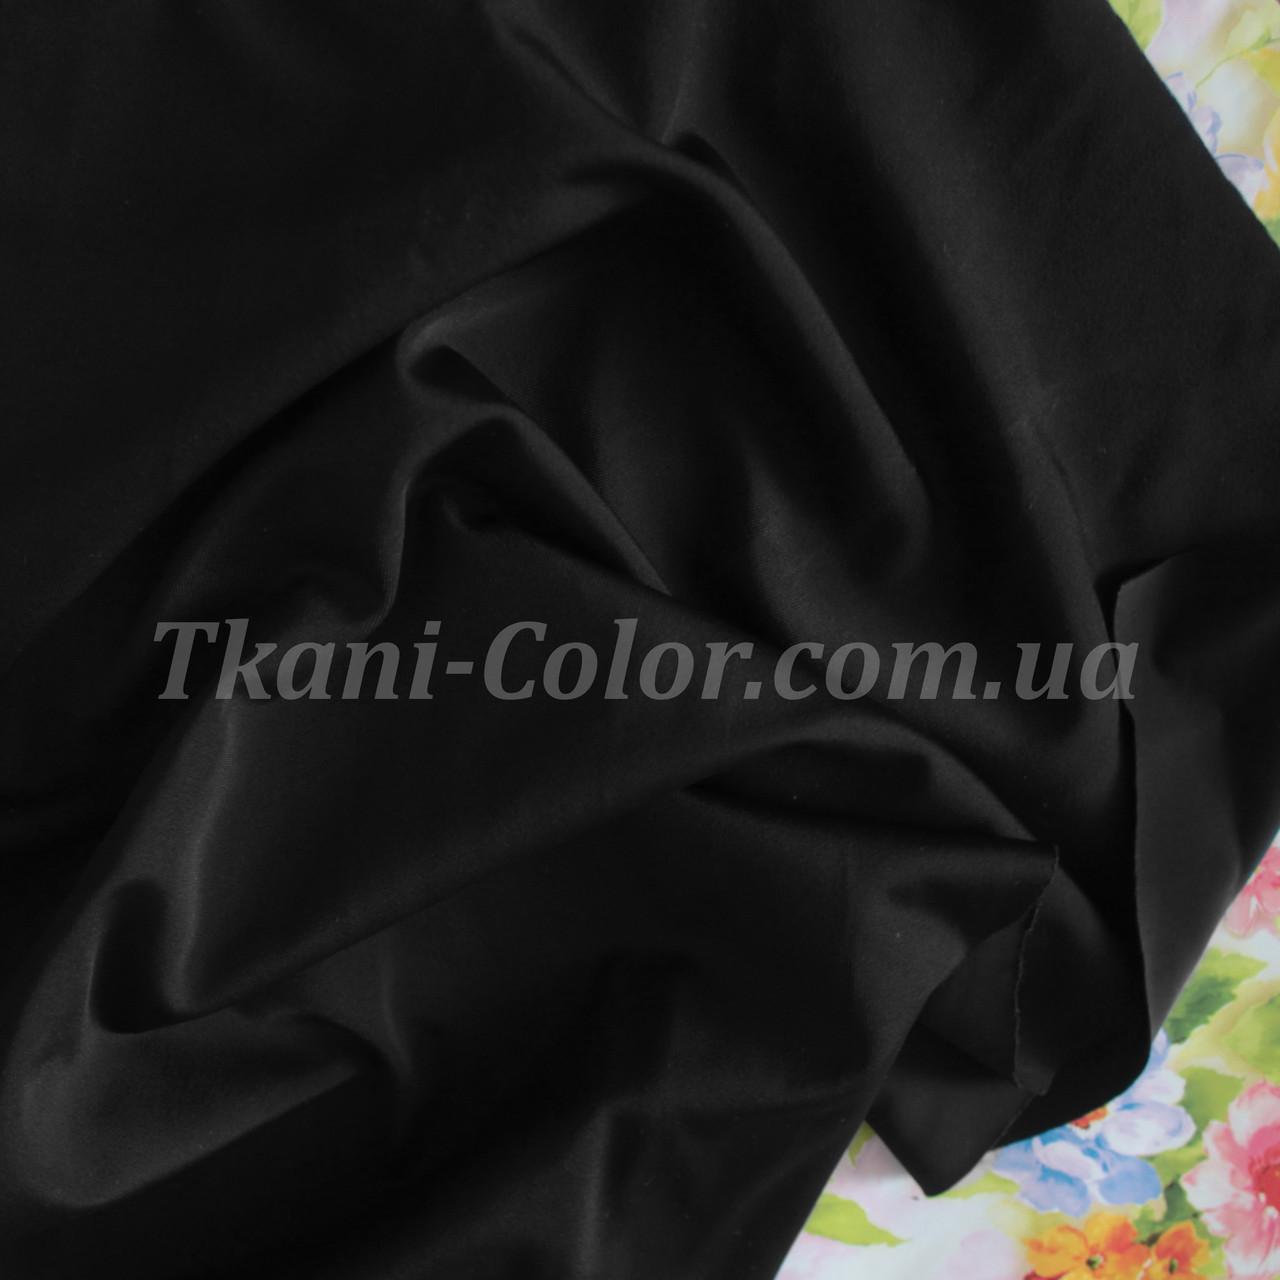 Трикотаж бифлекс (купальник) матовый черный